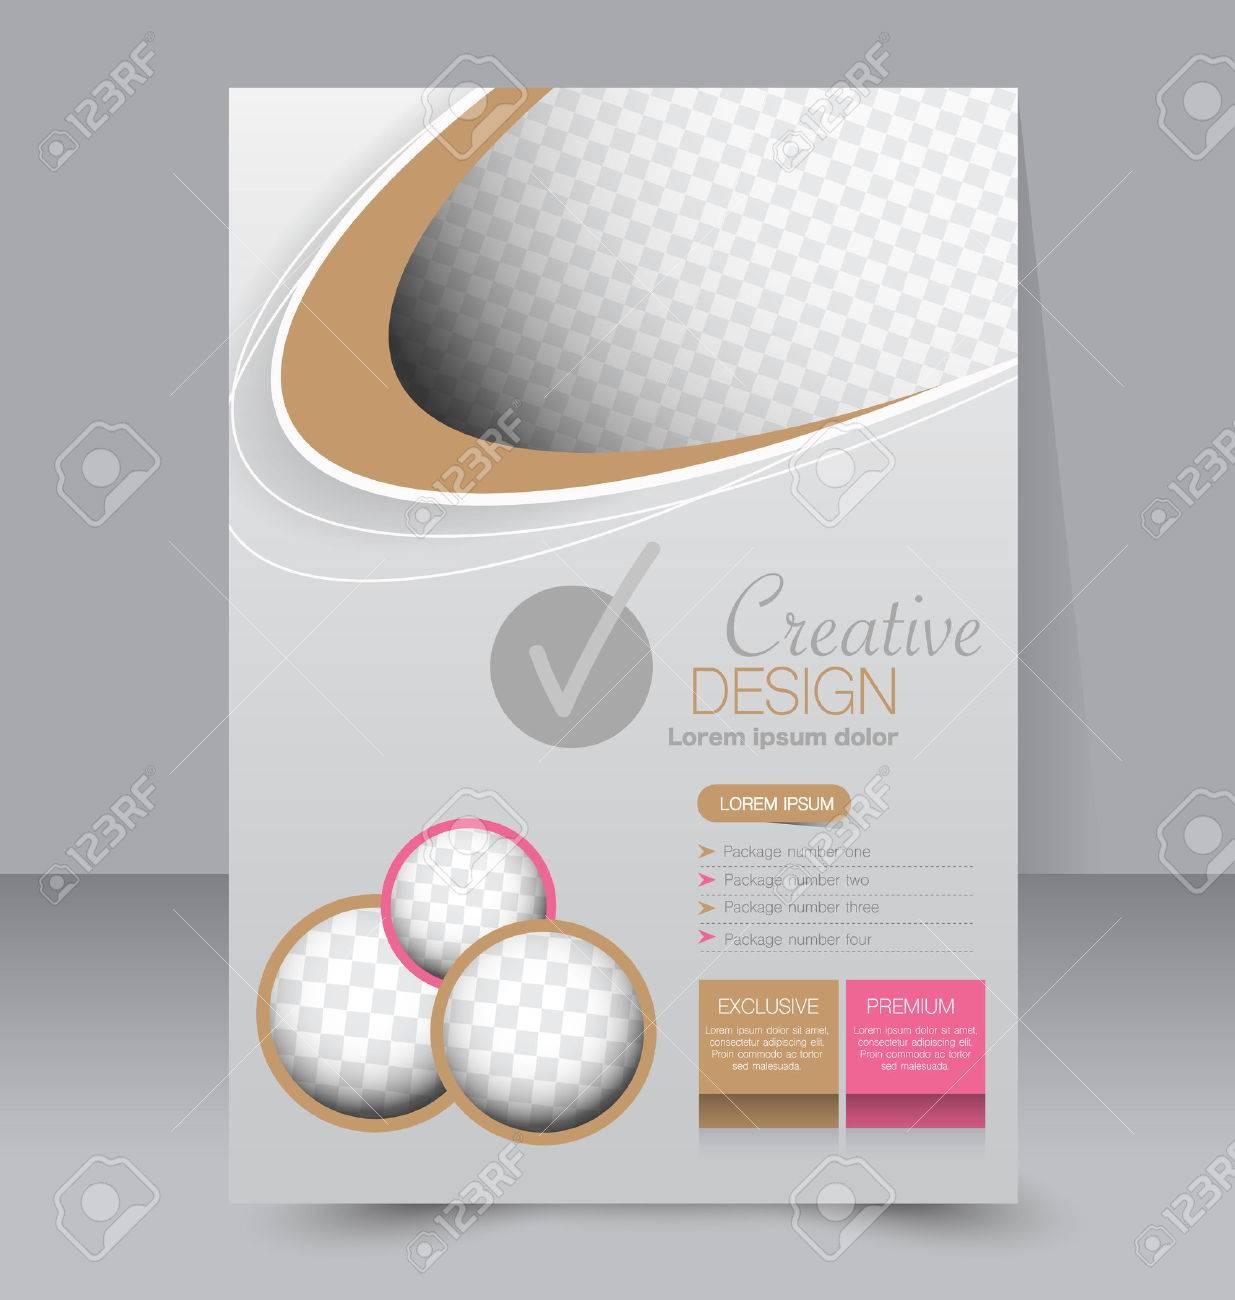 Wunderbar Vorlage Poster Präsentation Fotos - Entry Level Resume ...